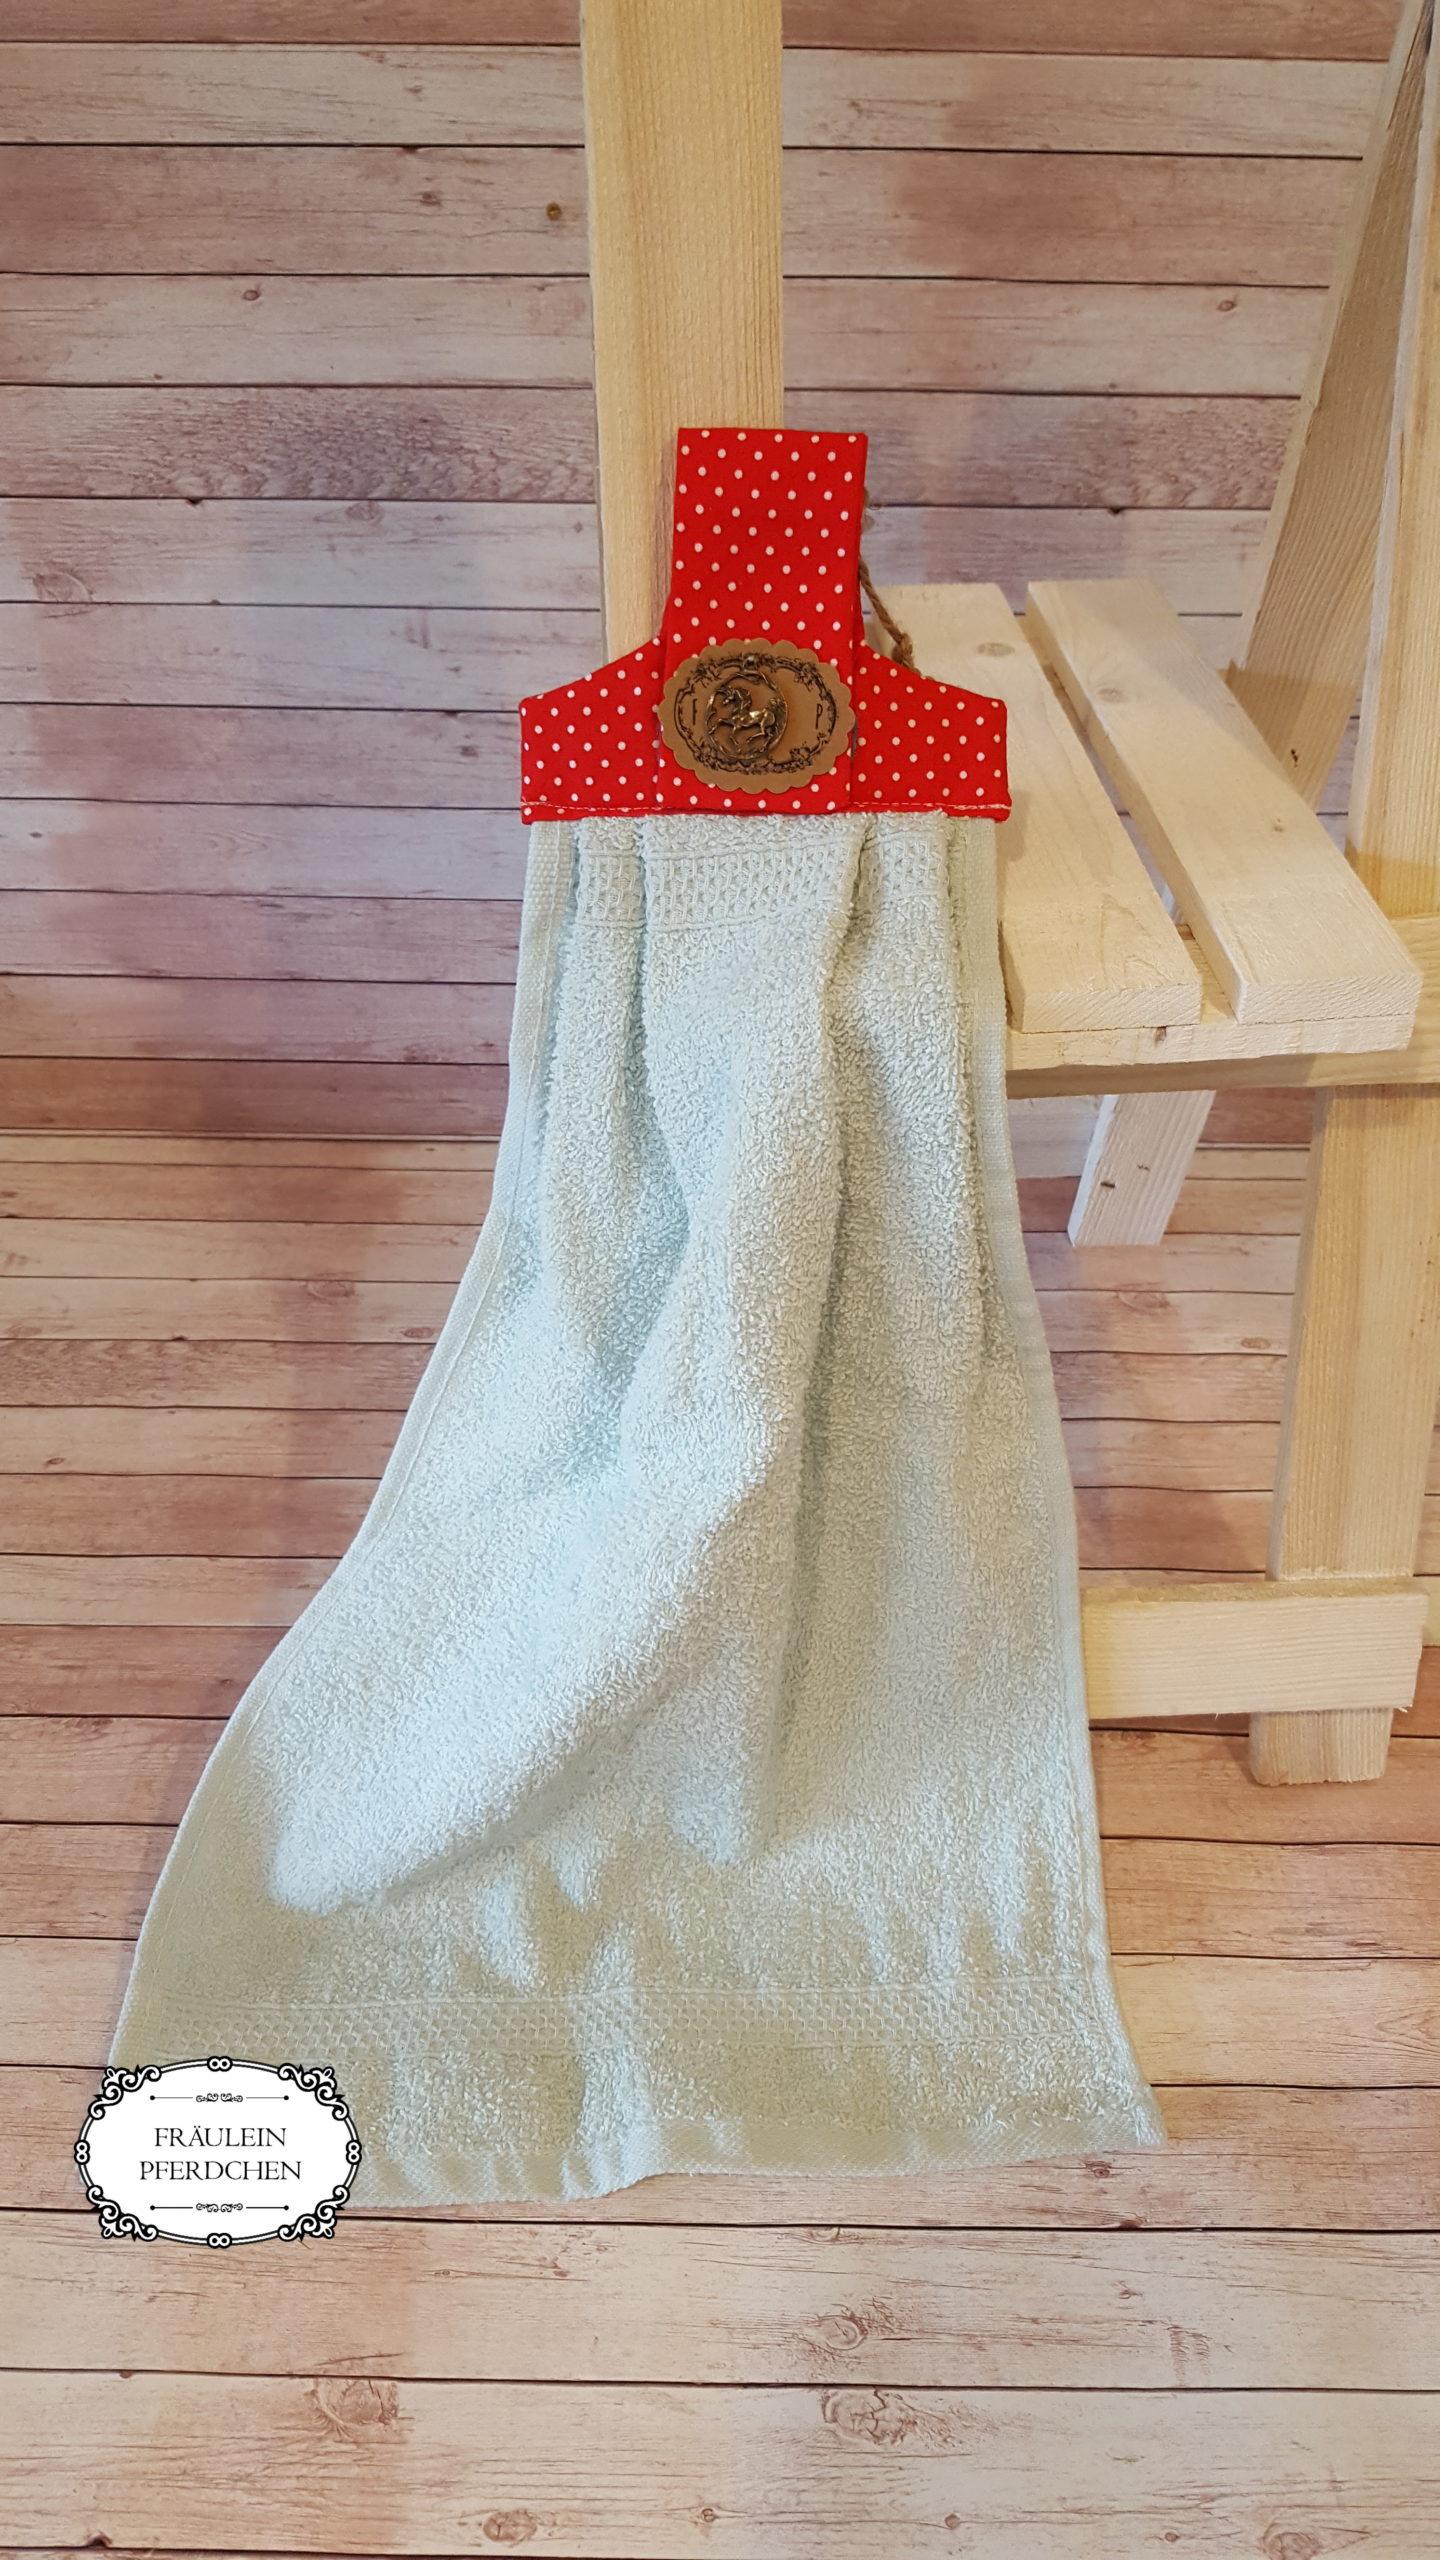 Handtuch zum Befestigen – mit Liebe handgemacht